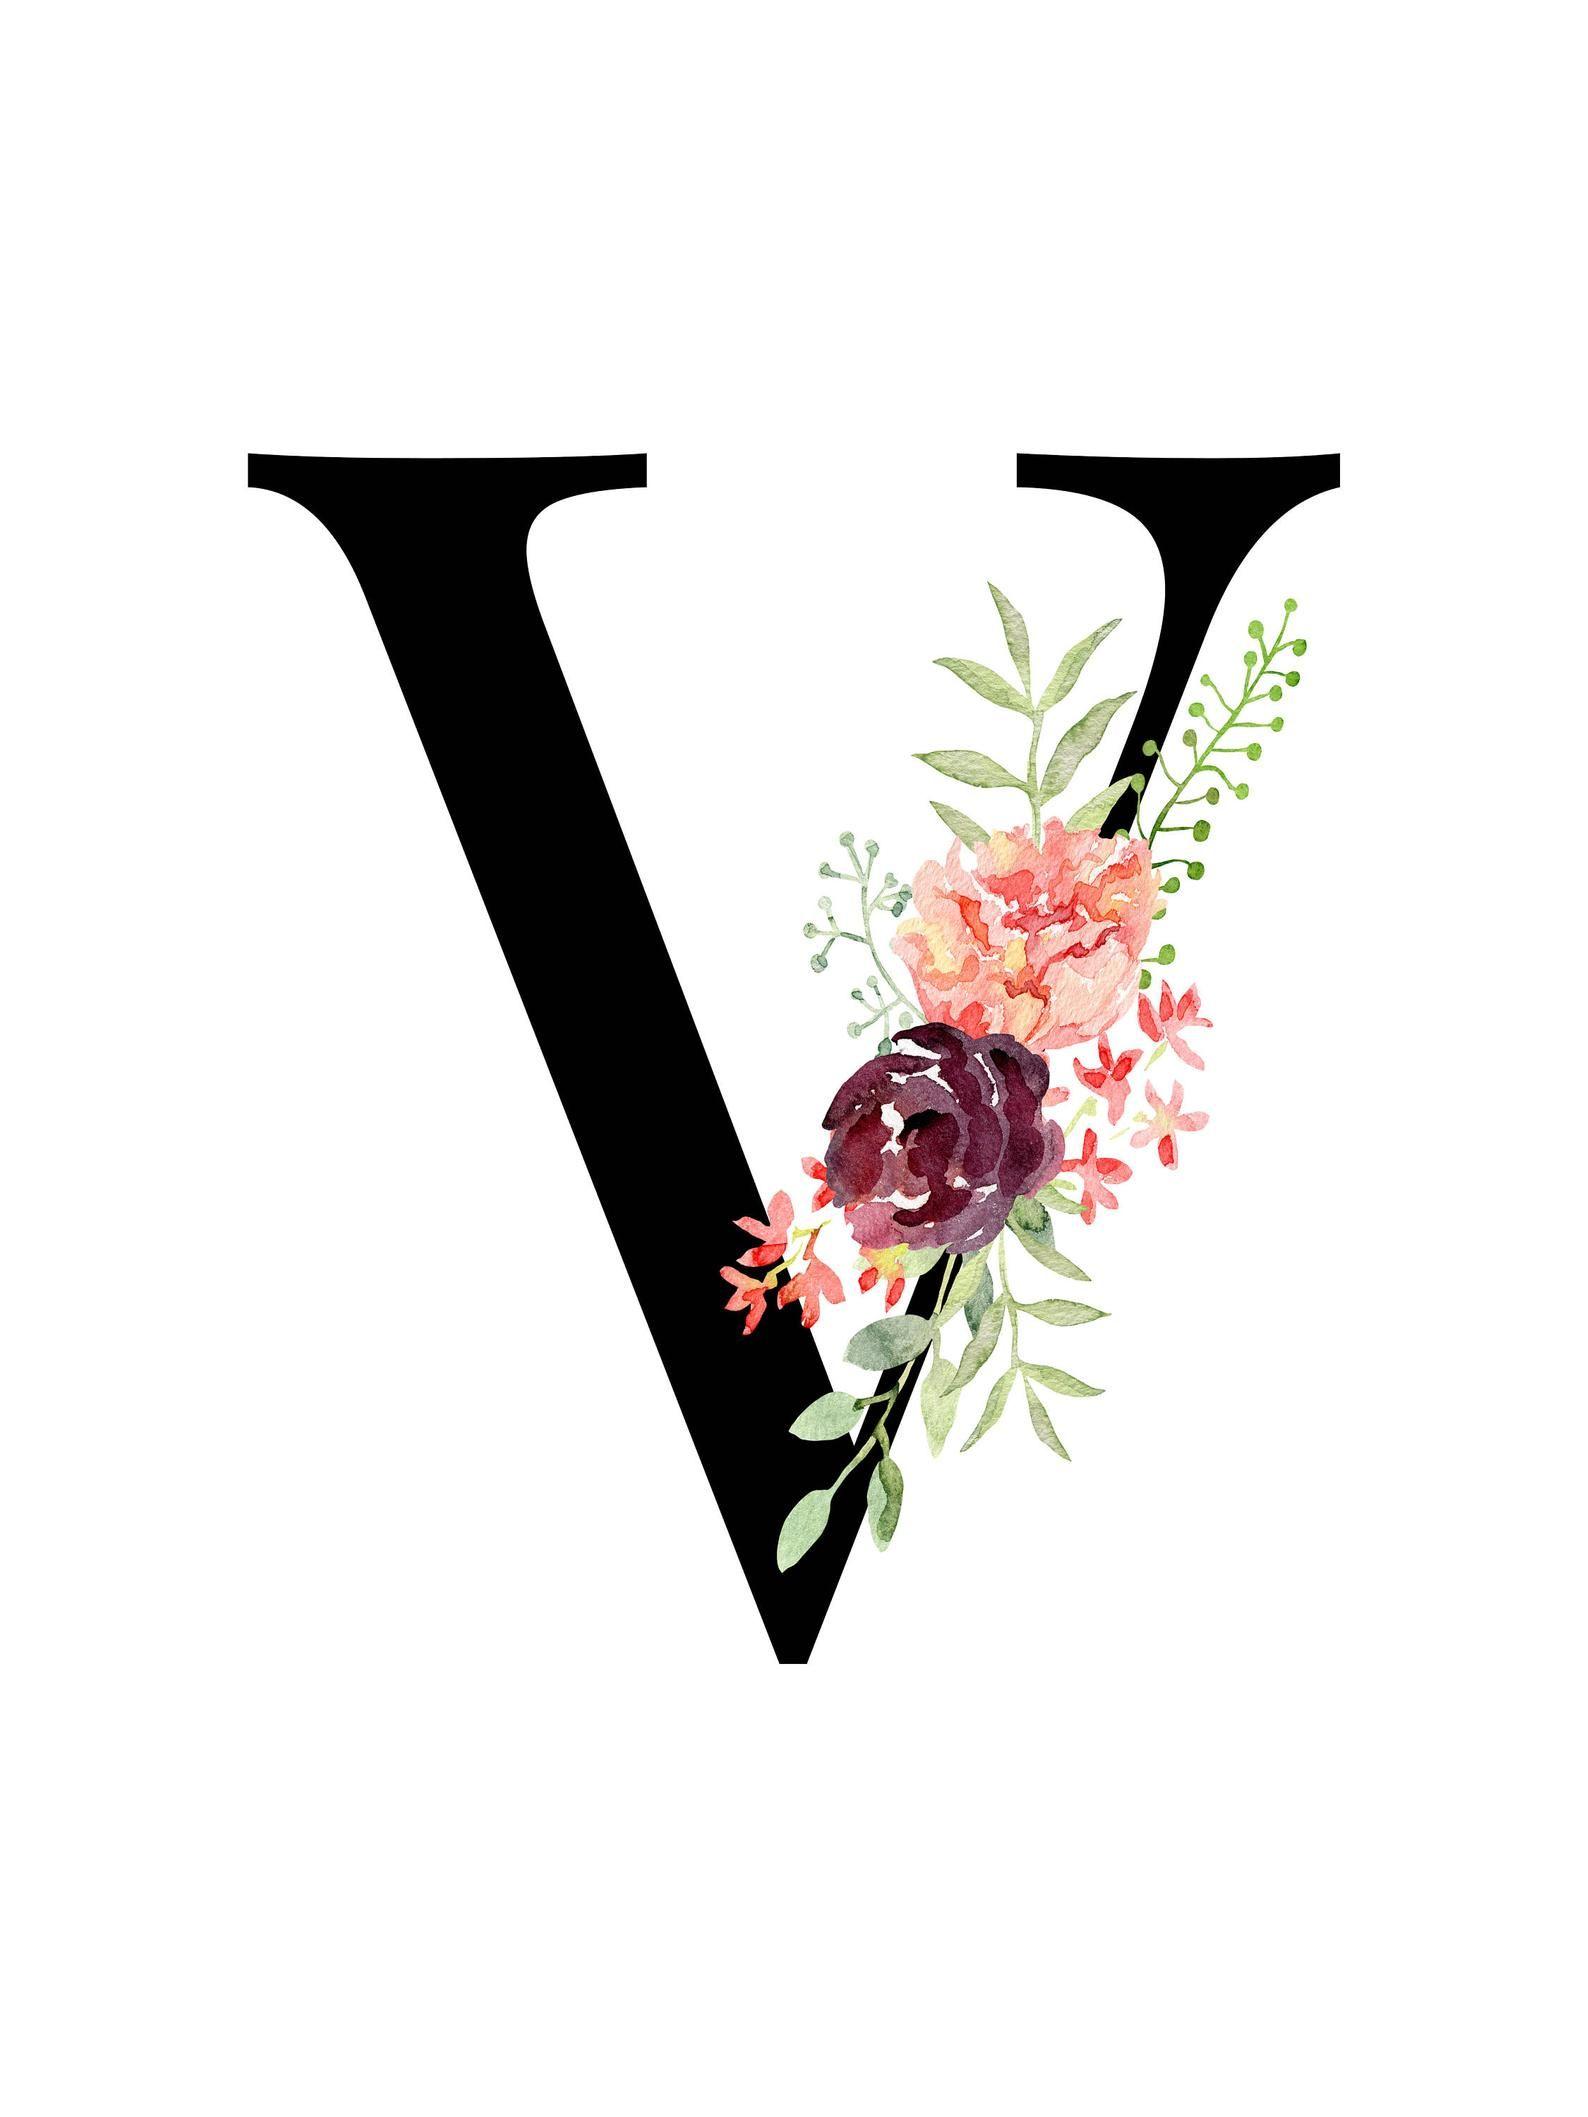 18++ V letter logo images ideas in 2021